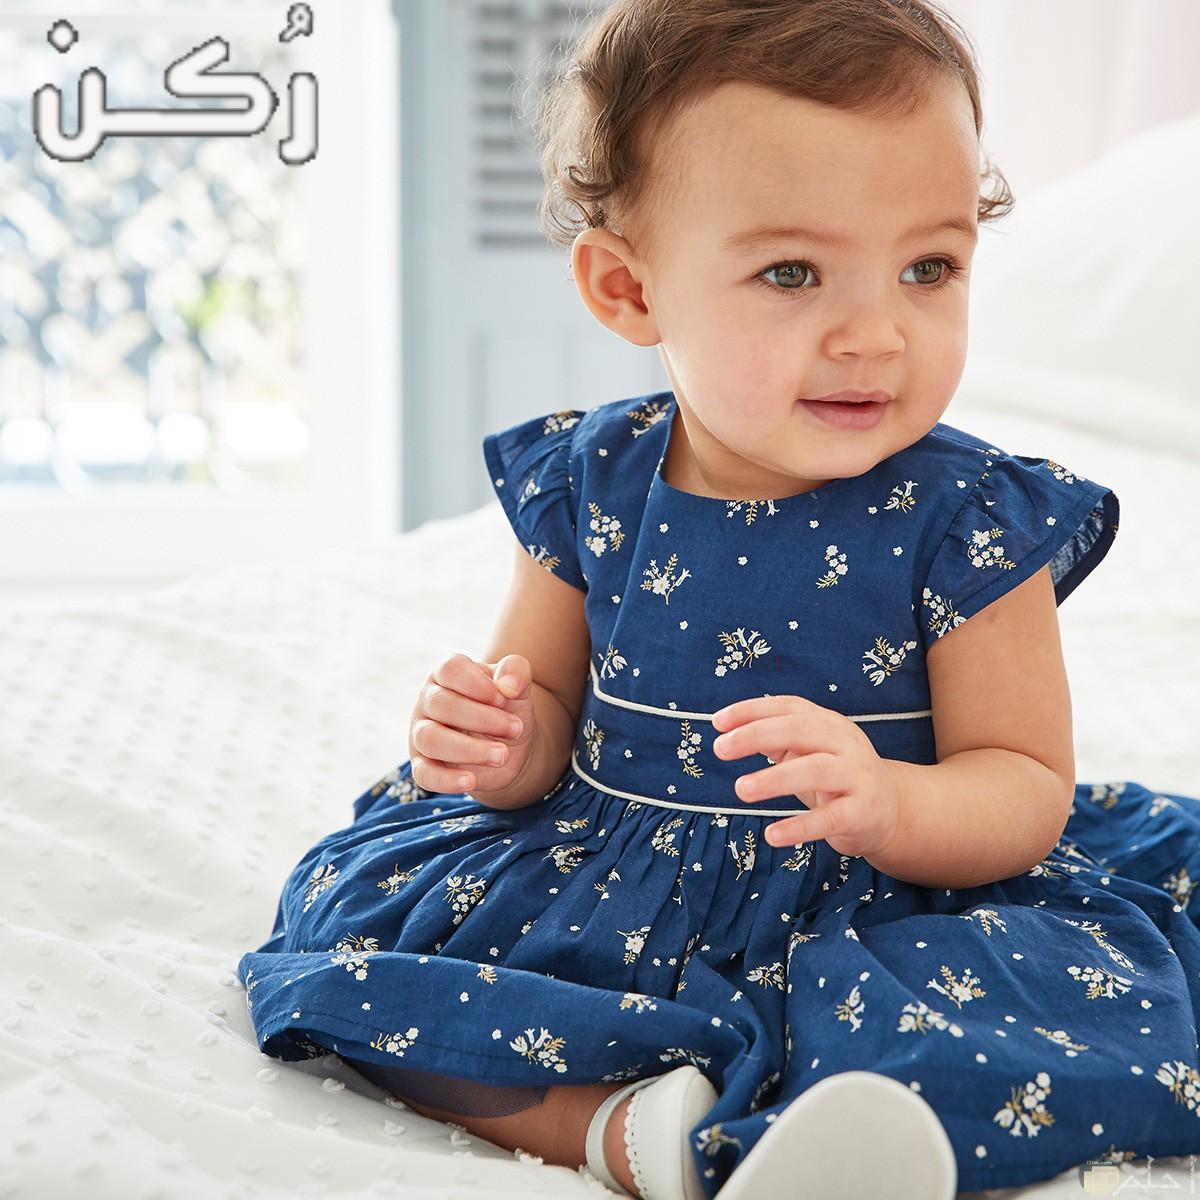 اسماء بنات تبدأ بحرف الصاد للمواليد الجديدة 2020